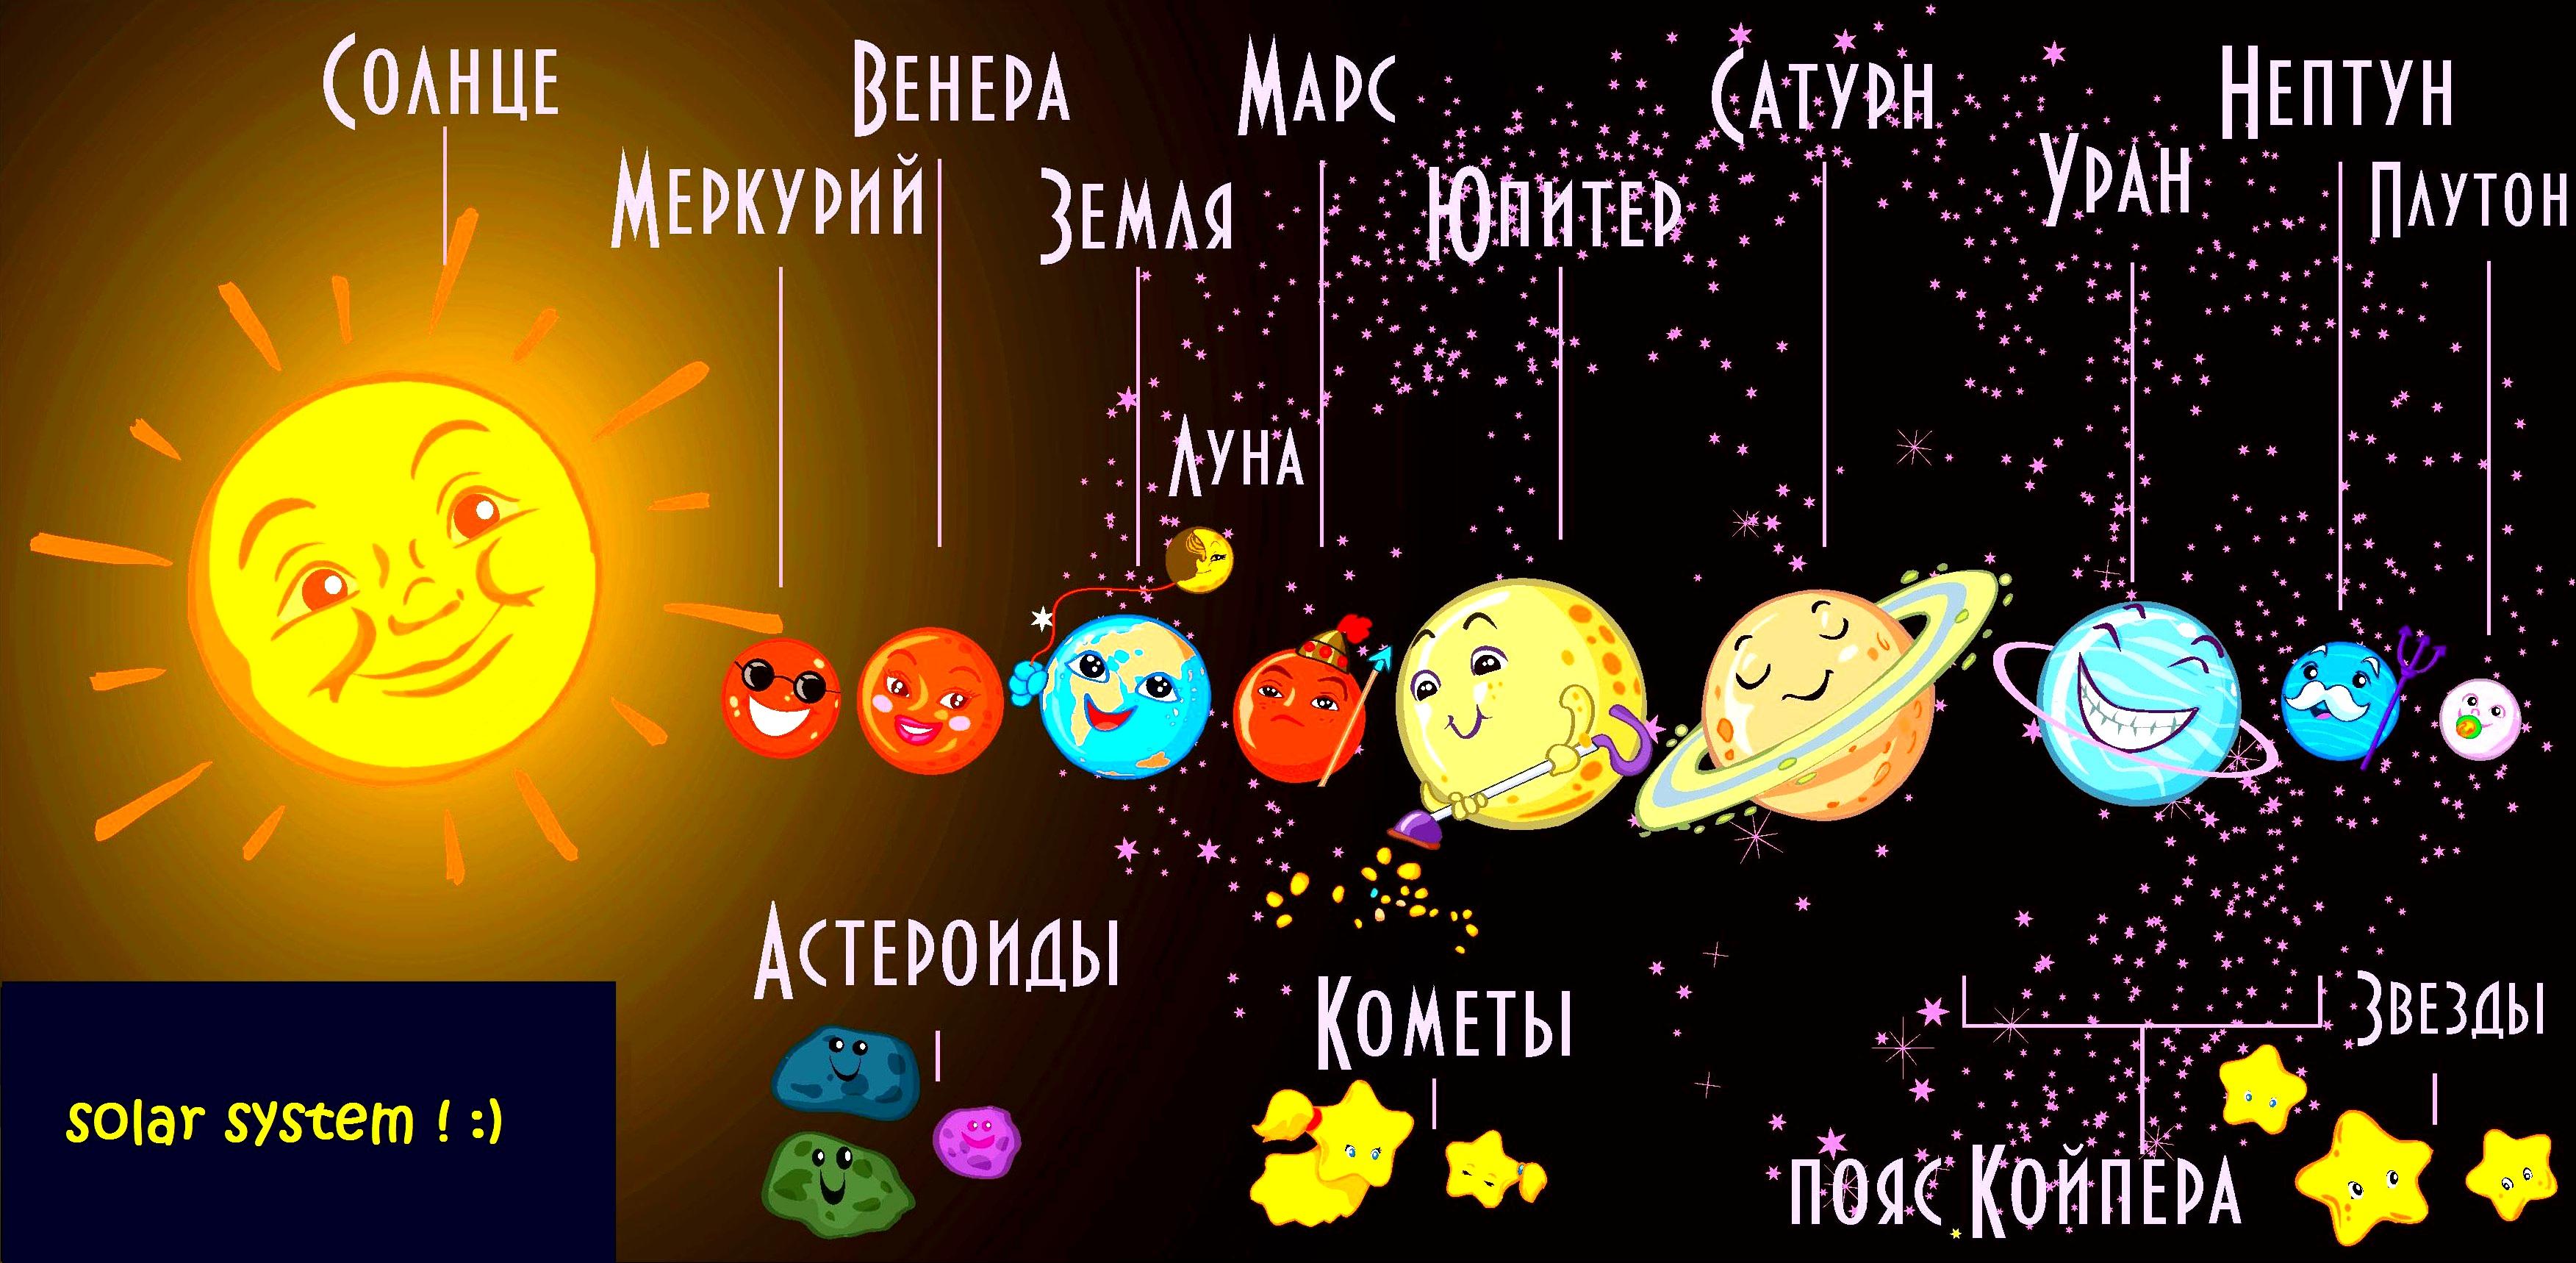 Схема планет нашей солнечной системы